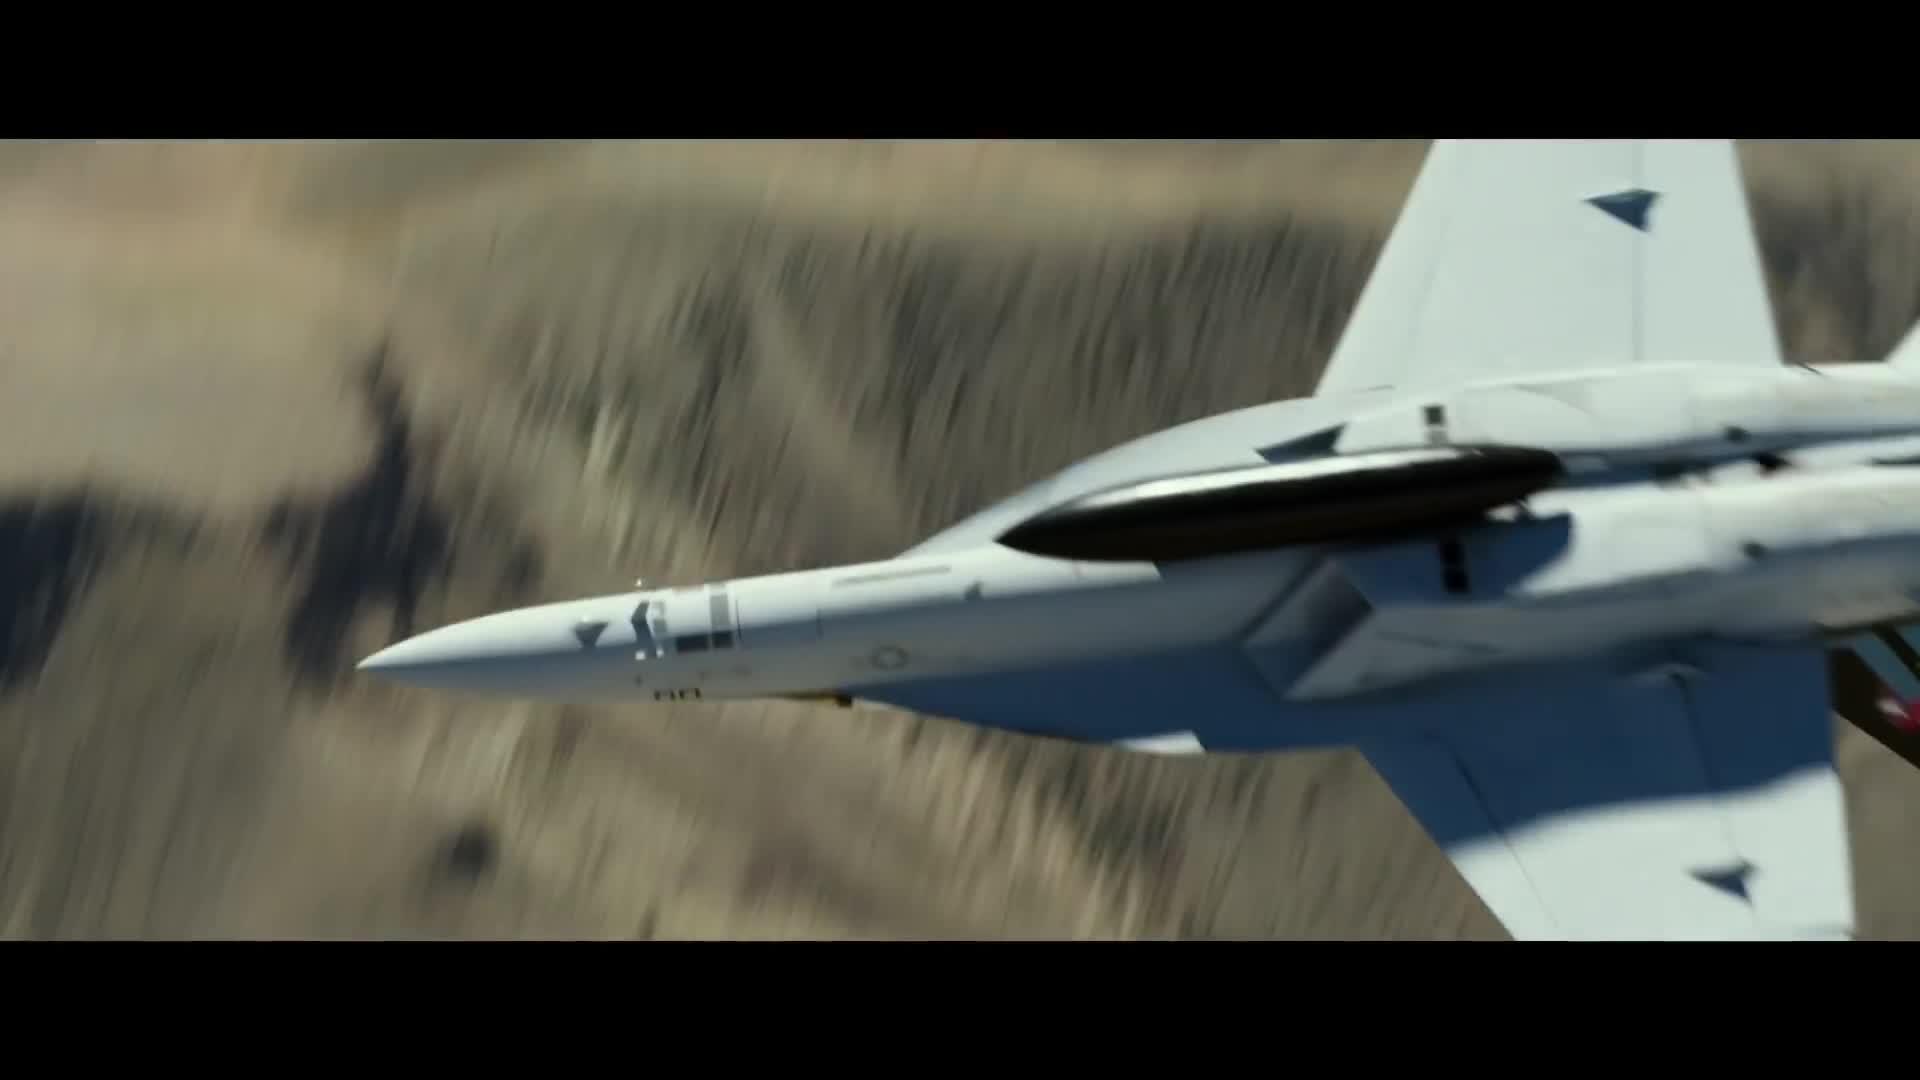 Top Gun: Maverick - Official Trailer #2 [HD] screen capture